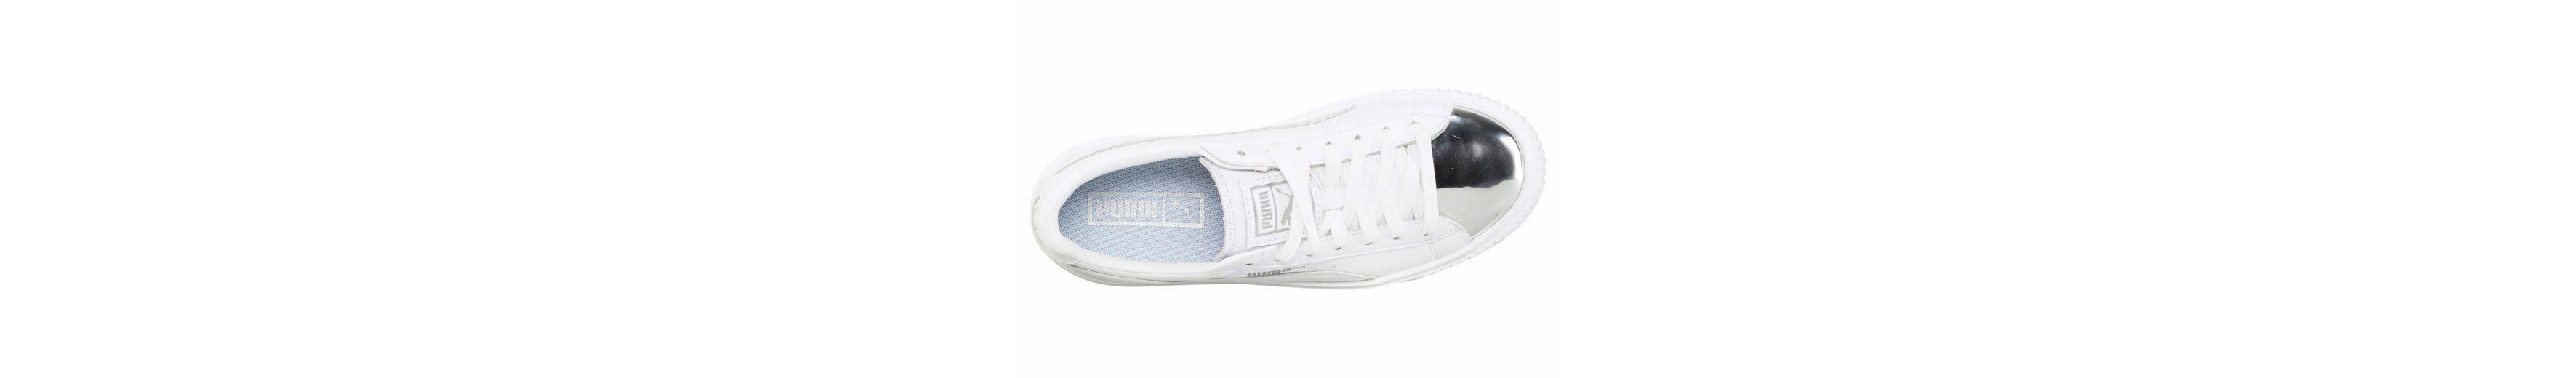 Billig Verkauf 100% Original Auslass Für Billig PUMA Basket Platform Metallic Sneaker Billig Verkauf Sammlungen Webseiten Günstig Online t0ZsUg6h